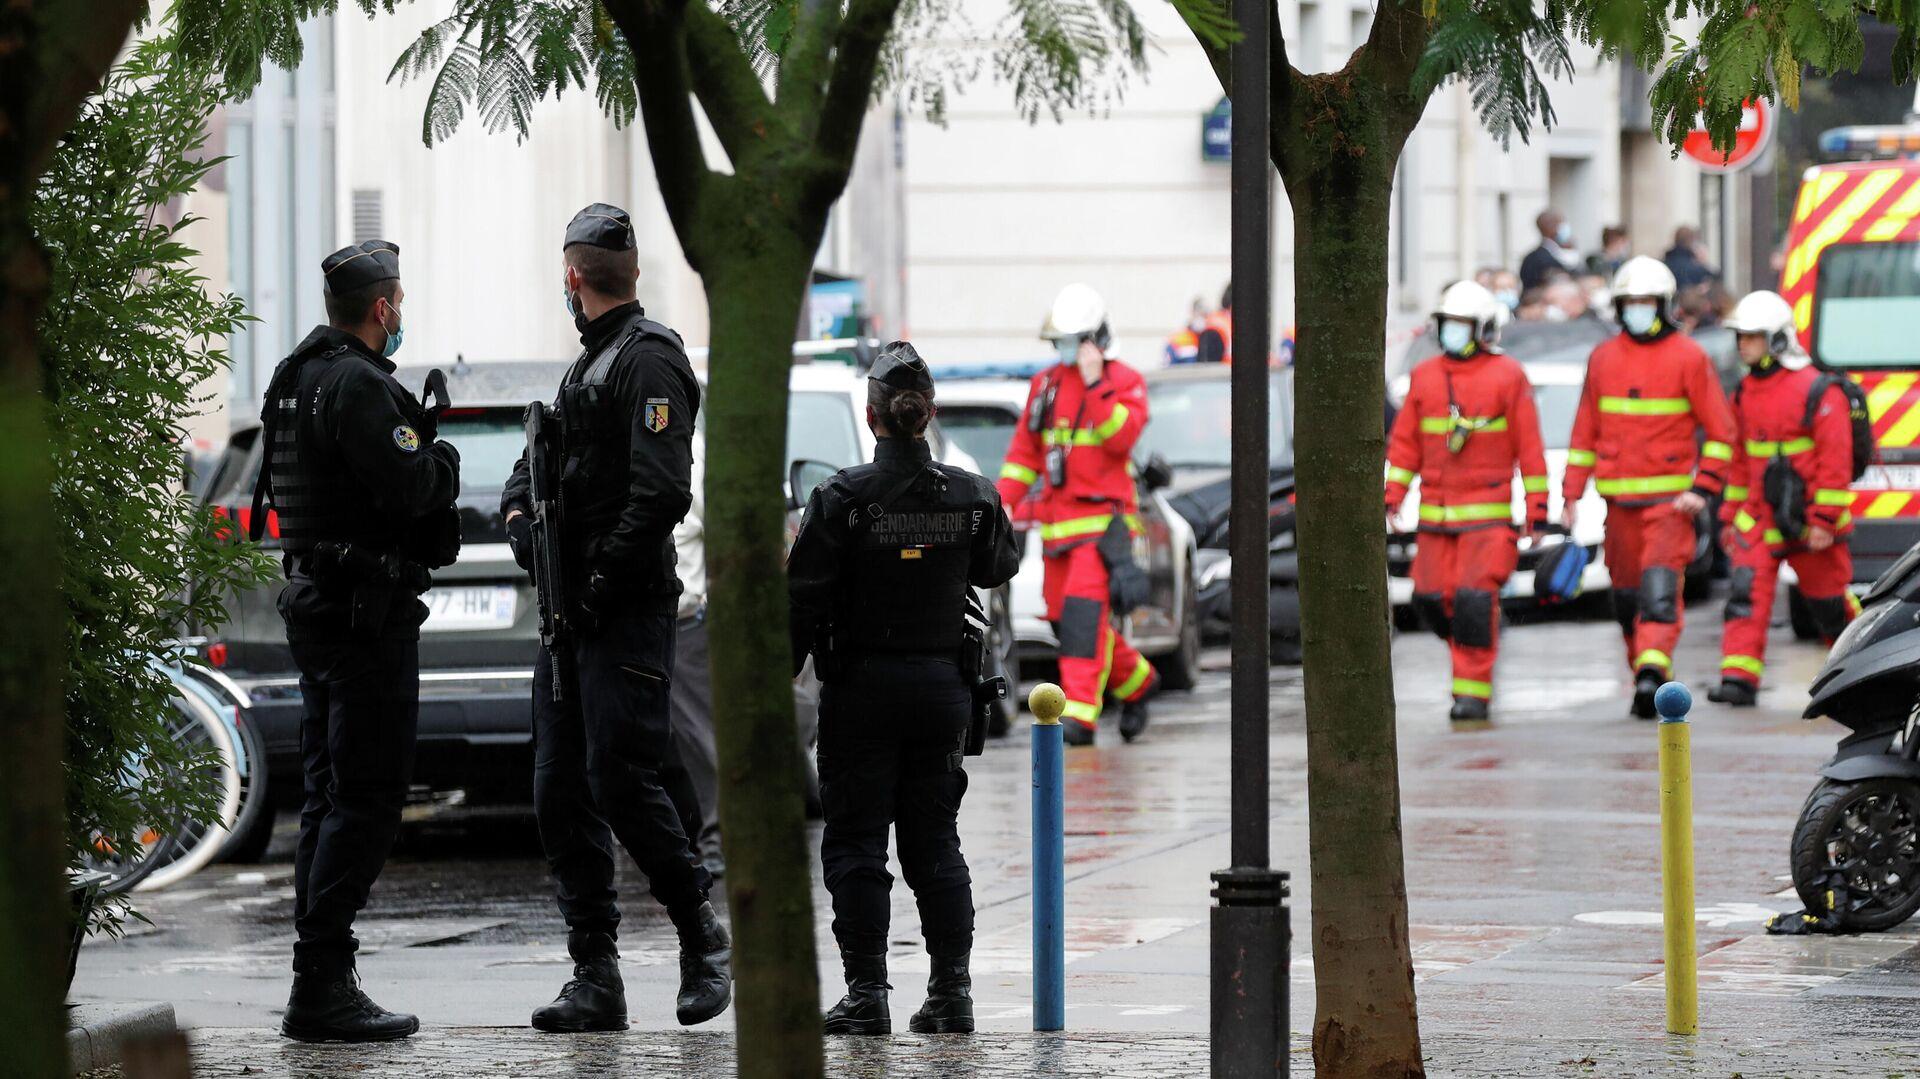 1577779073 0:0:3260:1833 1920x0 80 0 0 f2bdbe94bd5c9ad84812c069c6dc1501 - СМИ сообщили о новых задержанных по делу о нападении в Париже